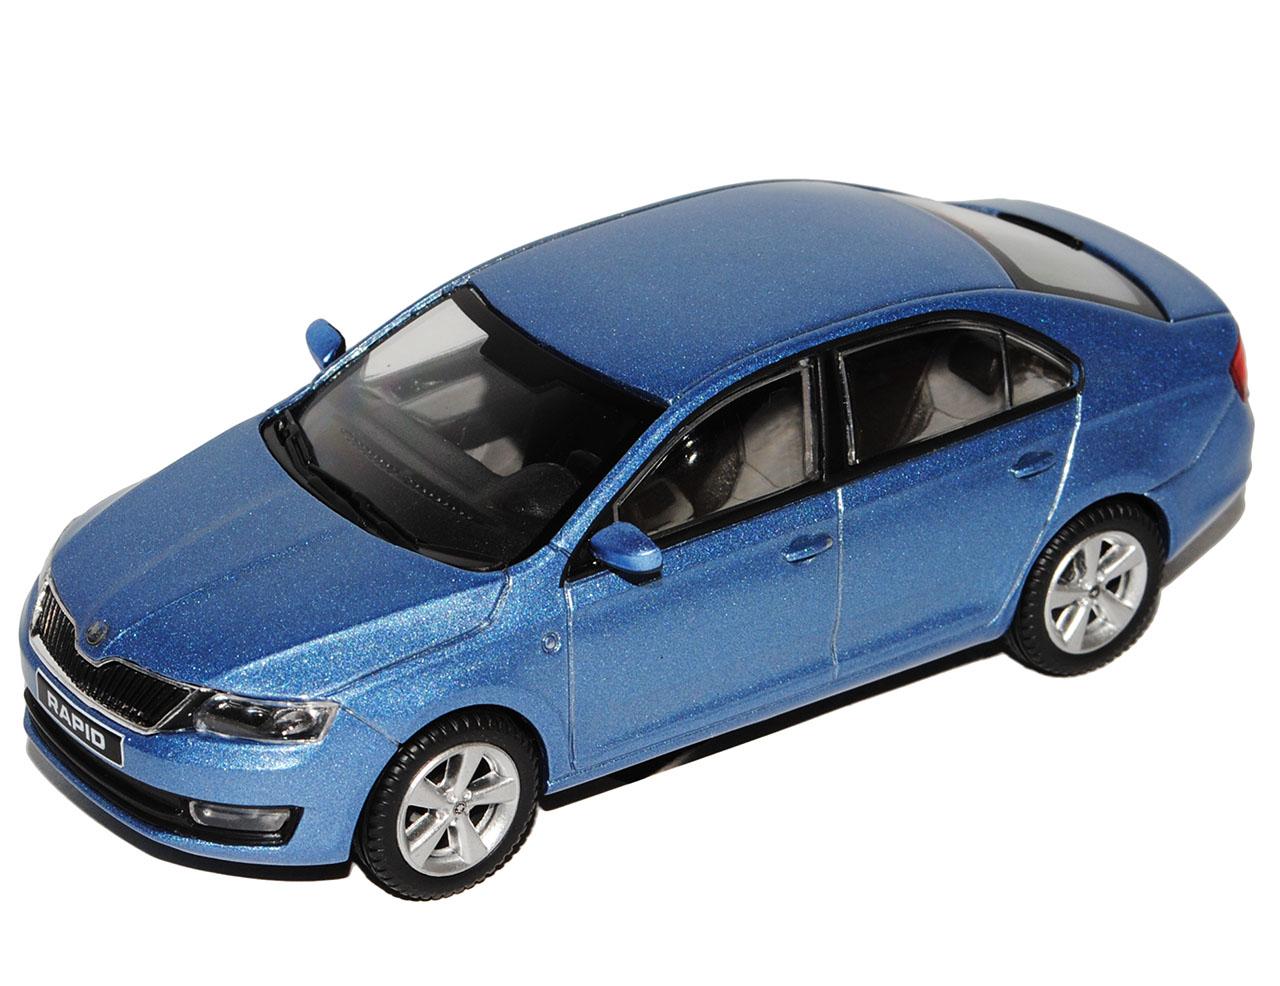 Skoda Rapid Limousine Denim Blau Ab 2012 NH ABR171ABD022KM 1//72 Abrex Modell A..